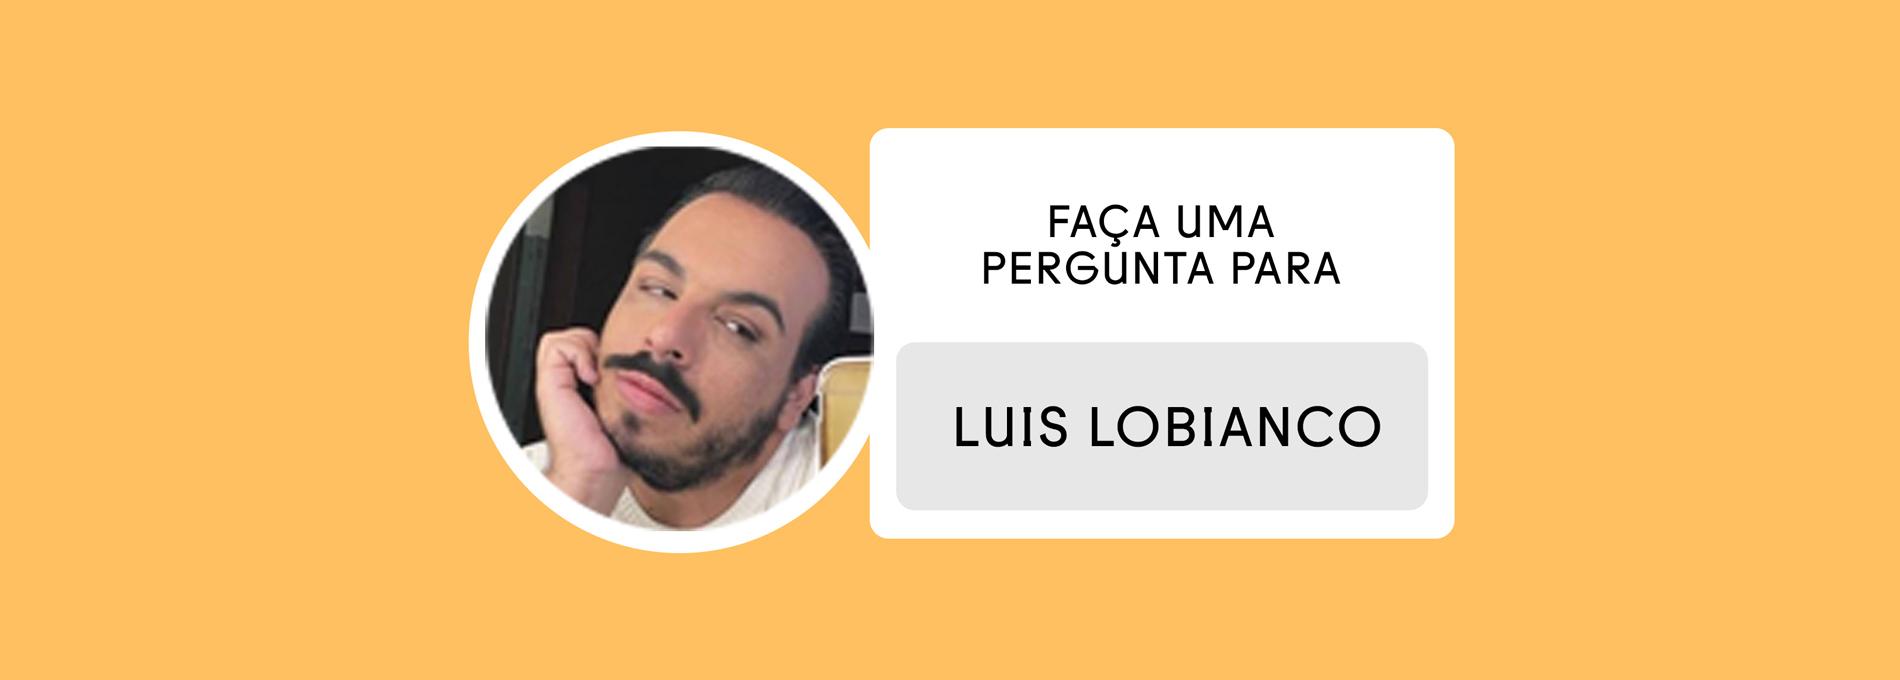 Faça uma pergunta para: Luis Lobianco